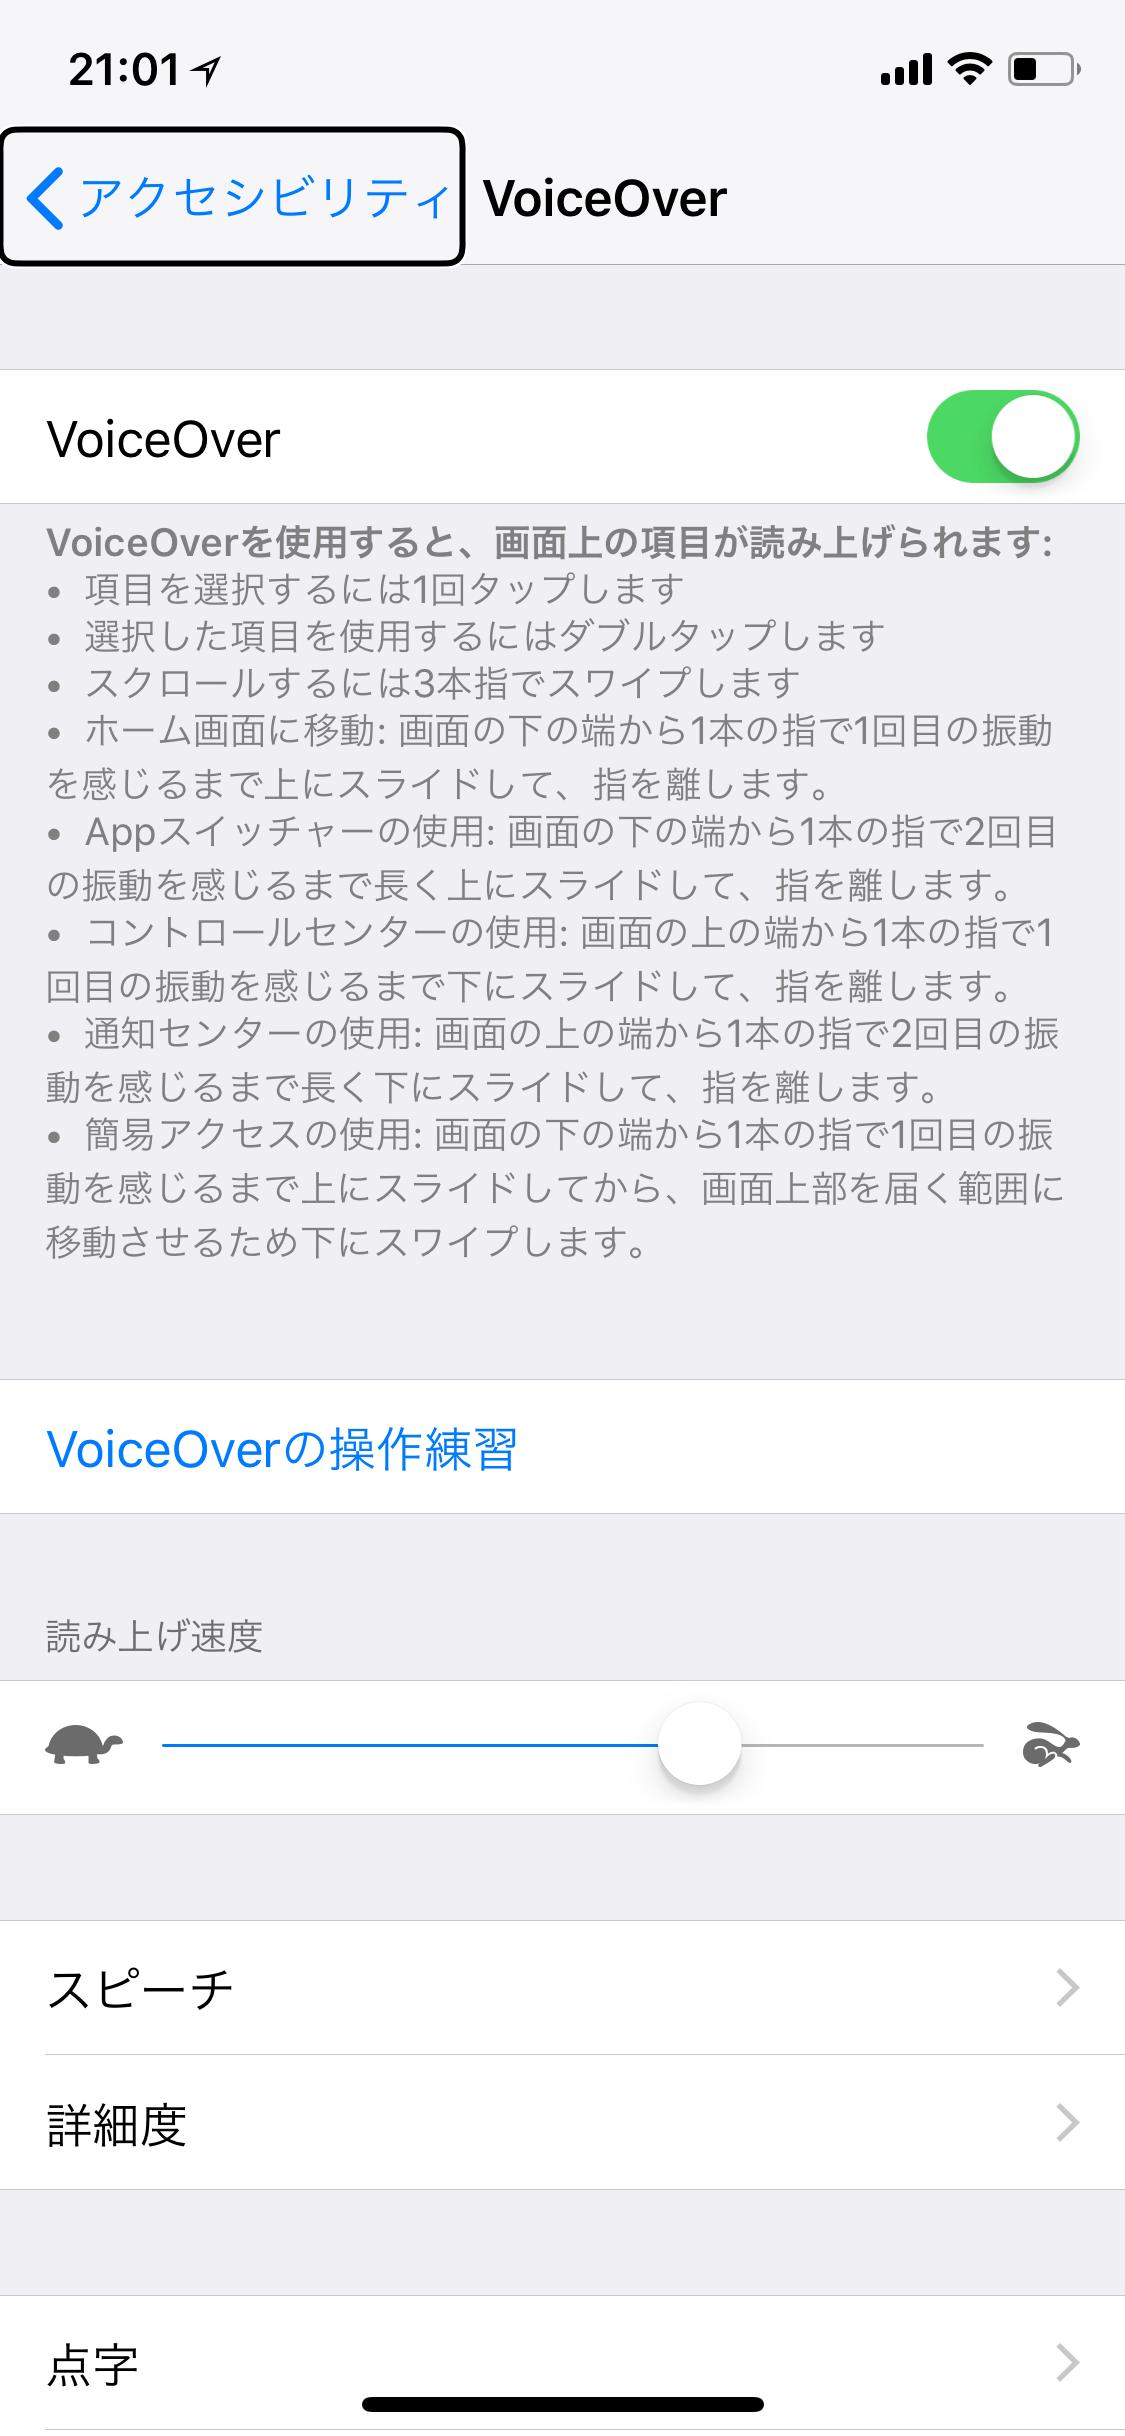 iOSのアクセシビリティの設定画面でアクセシビリティをオンにした状態。「VoiceOverの操作練習」が表示されるようになる